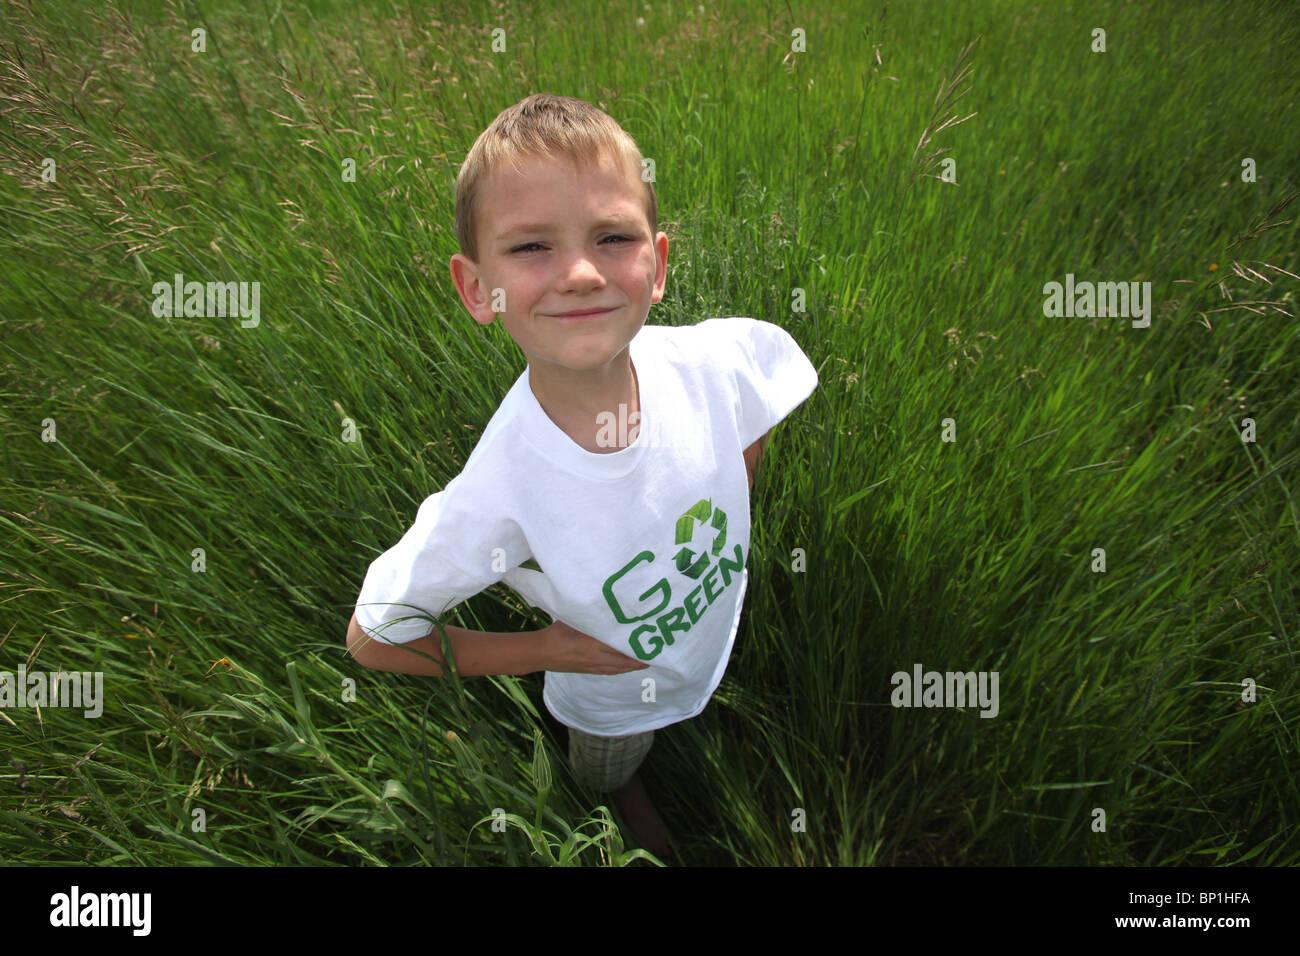 """Junge stand groß grün grass tragen """"go green""""-t-shirt Stockbild"""